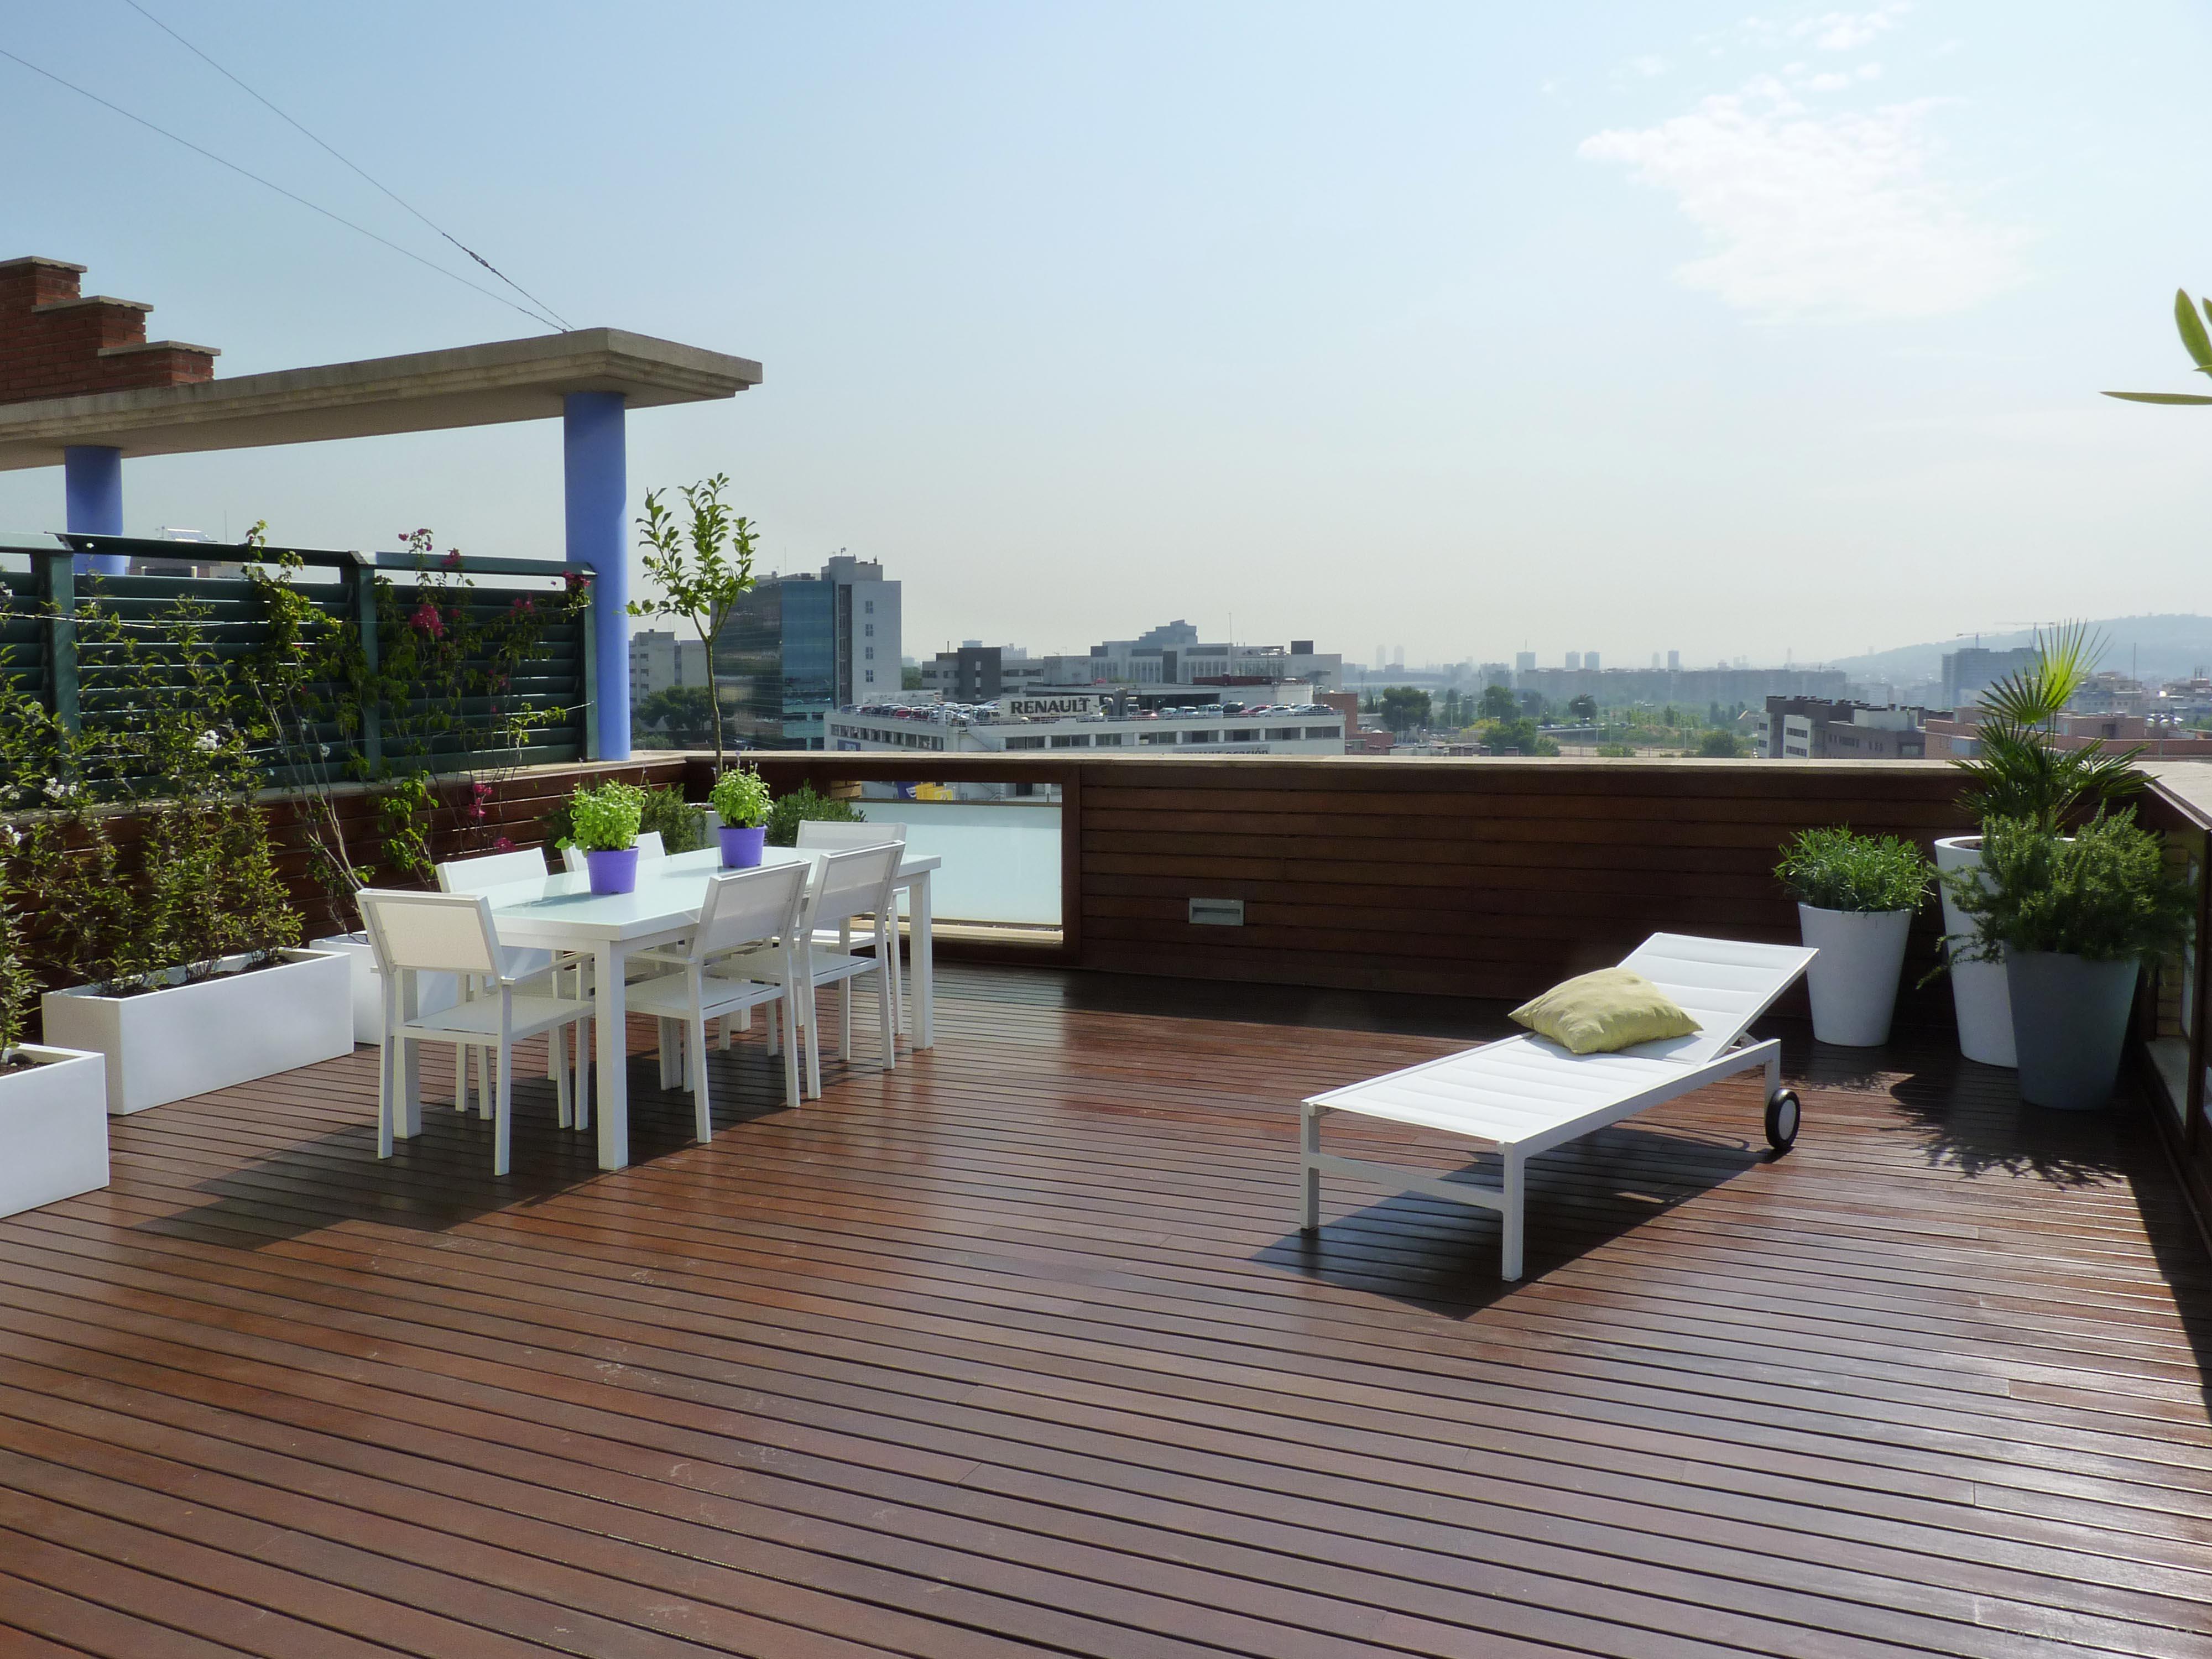 Terraza, Exterior Estilo contemporaneo Color verde, rosa, marron  diseñado por Eva Vidal Mateu - Taller de Paisatge   Paisajista